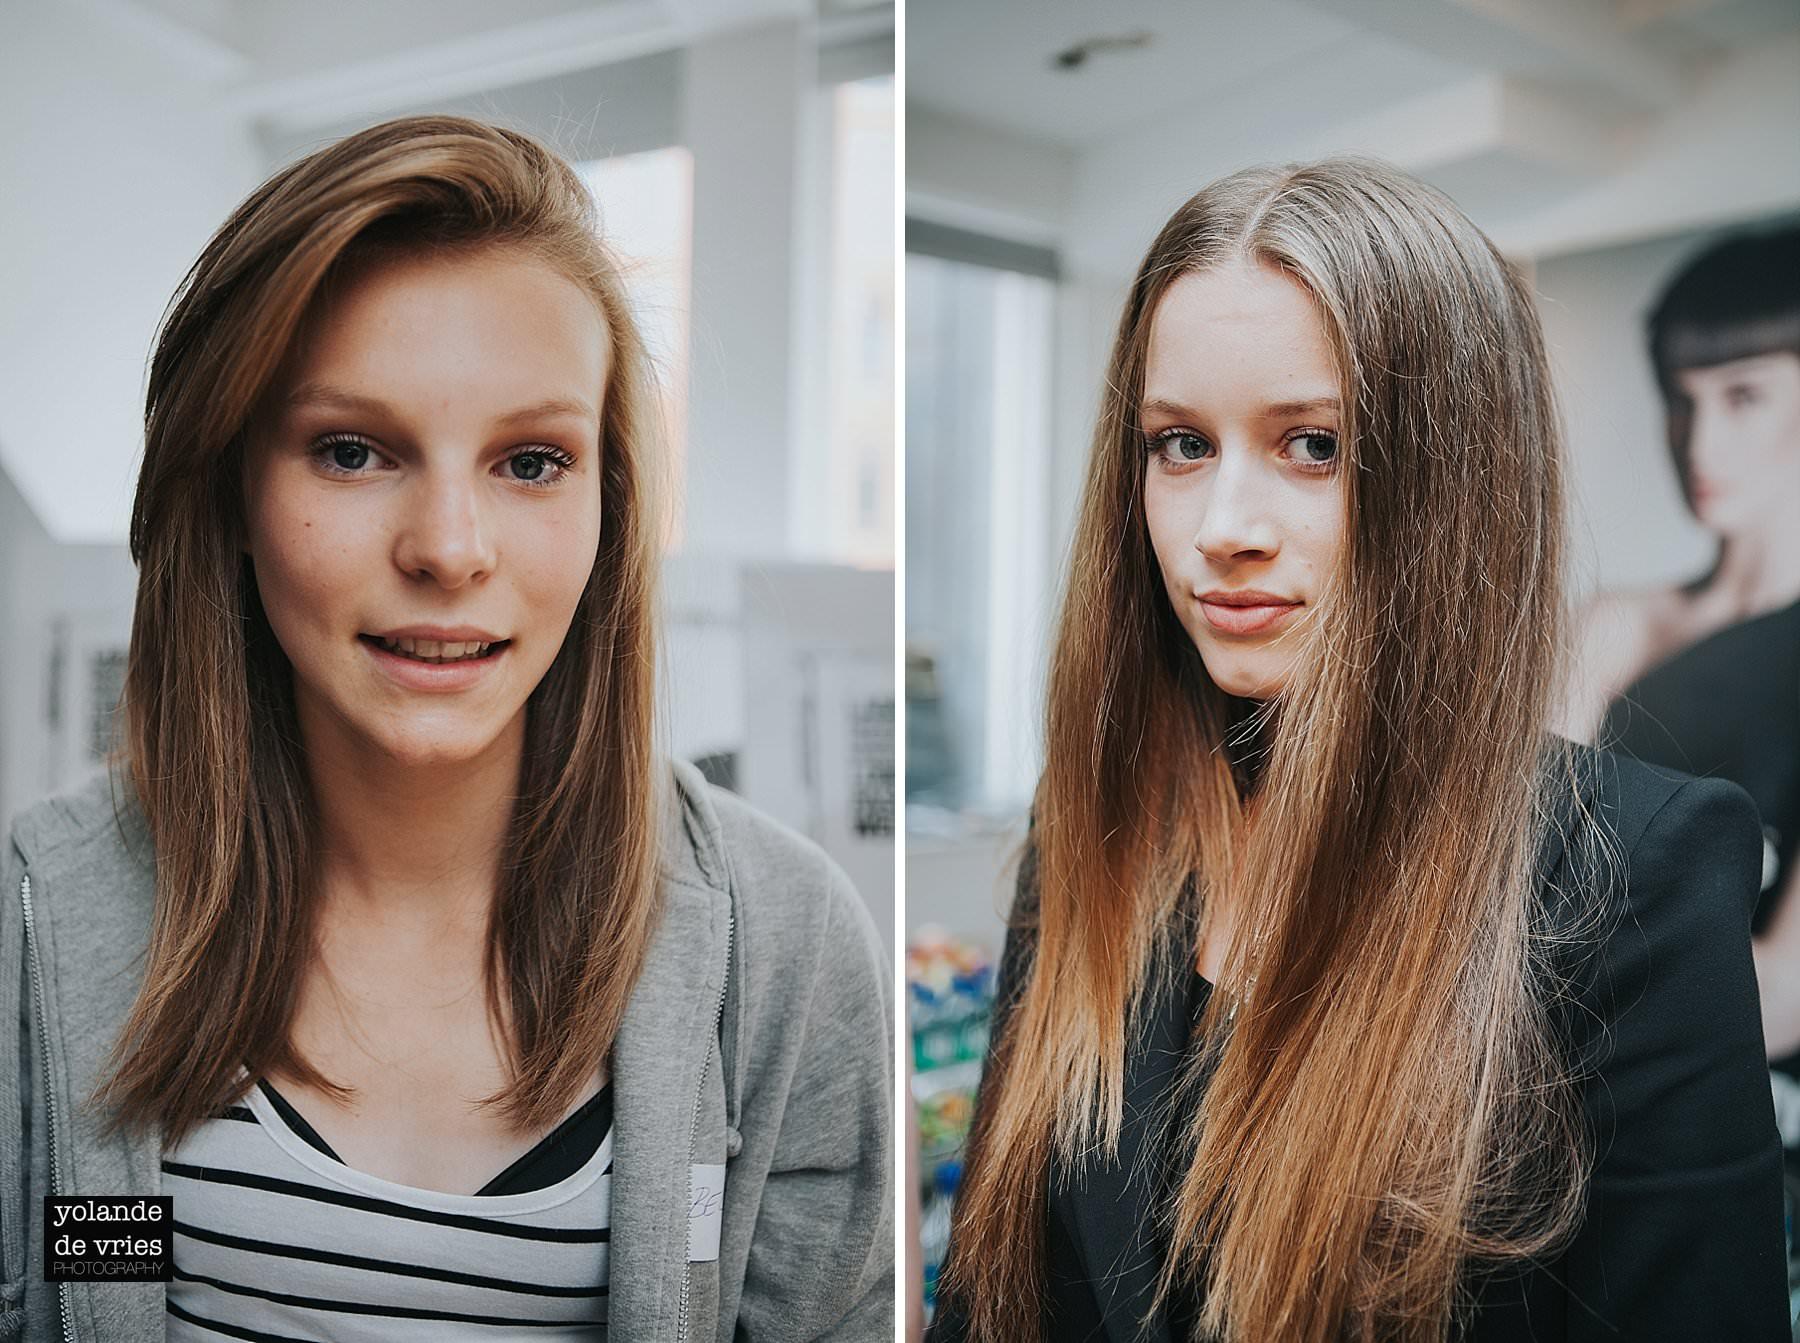 modelling headshot photographer London